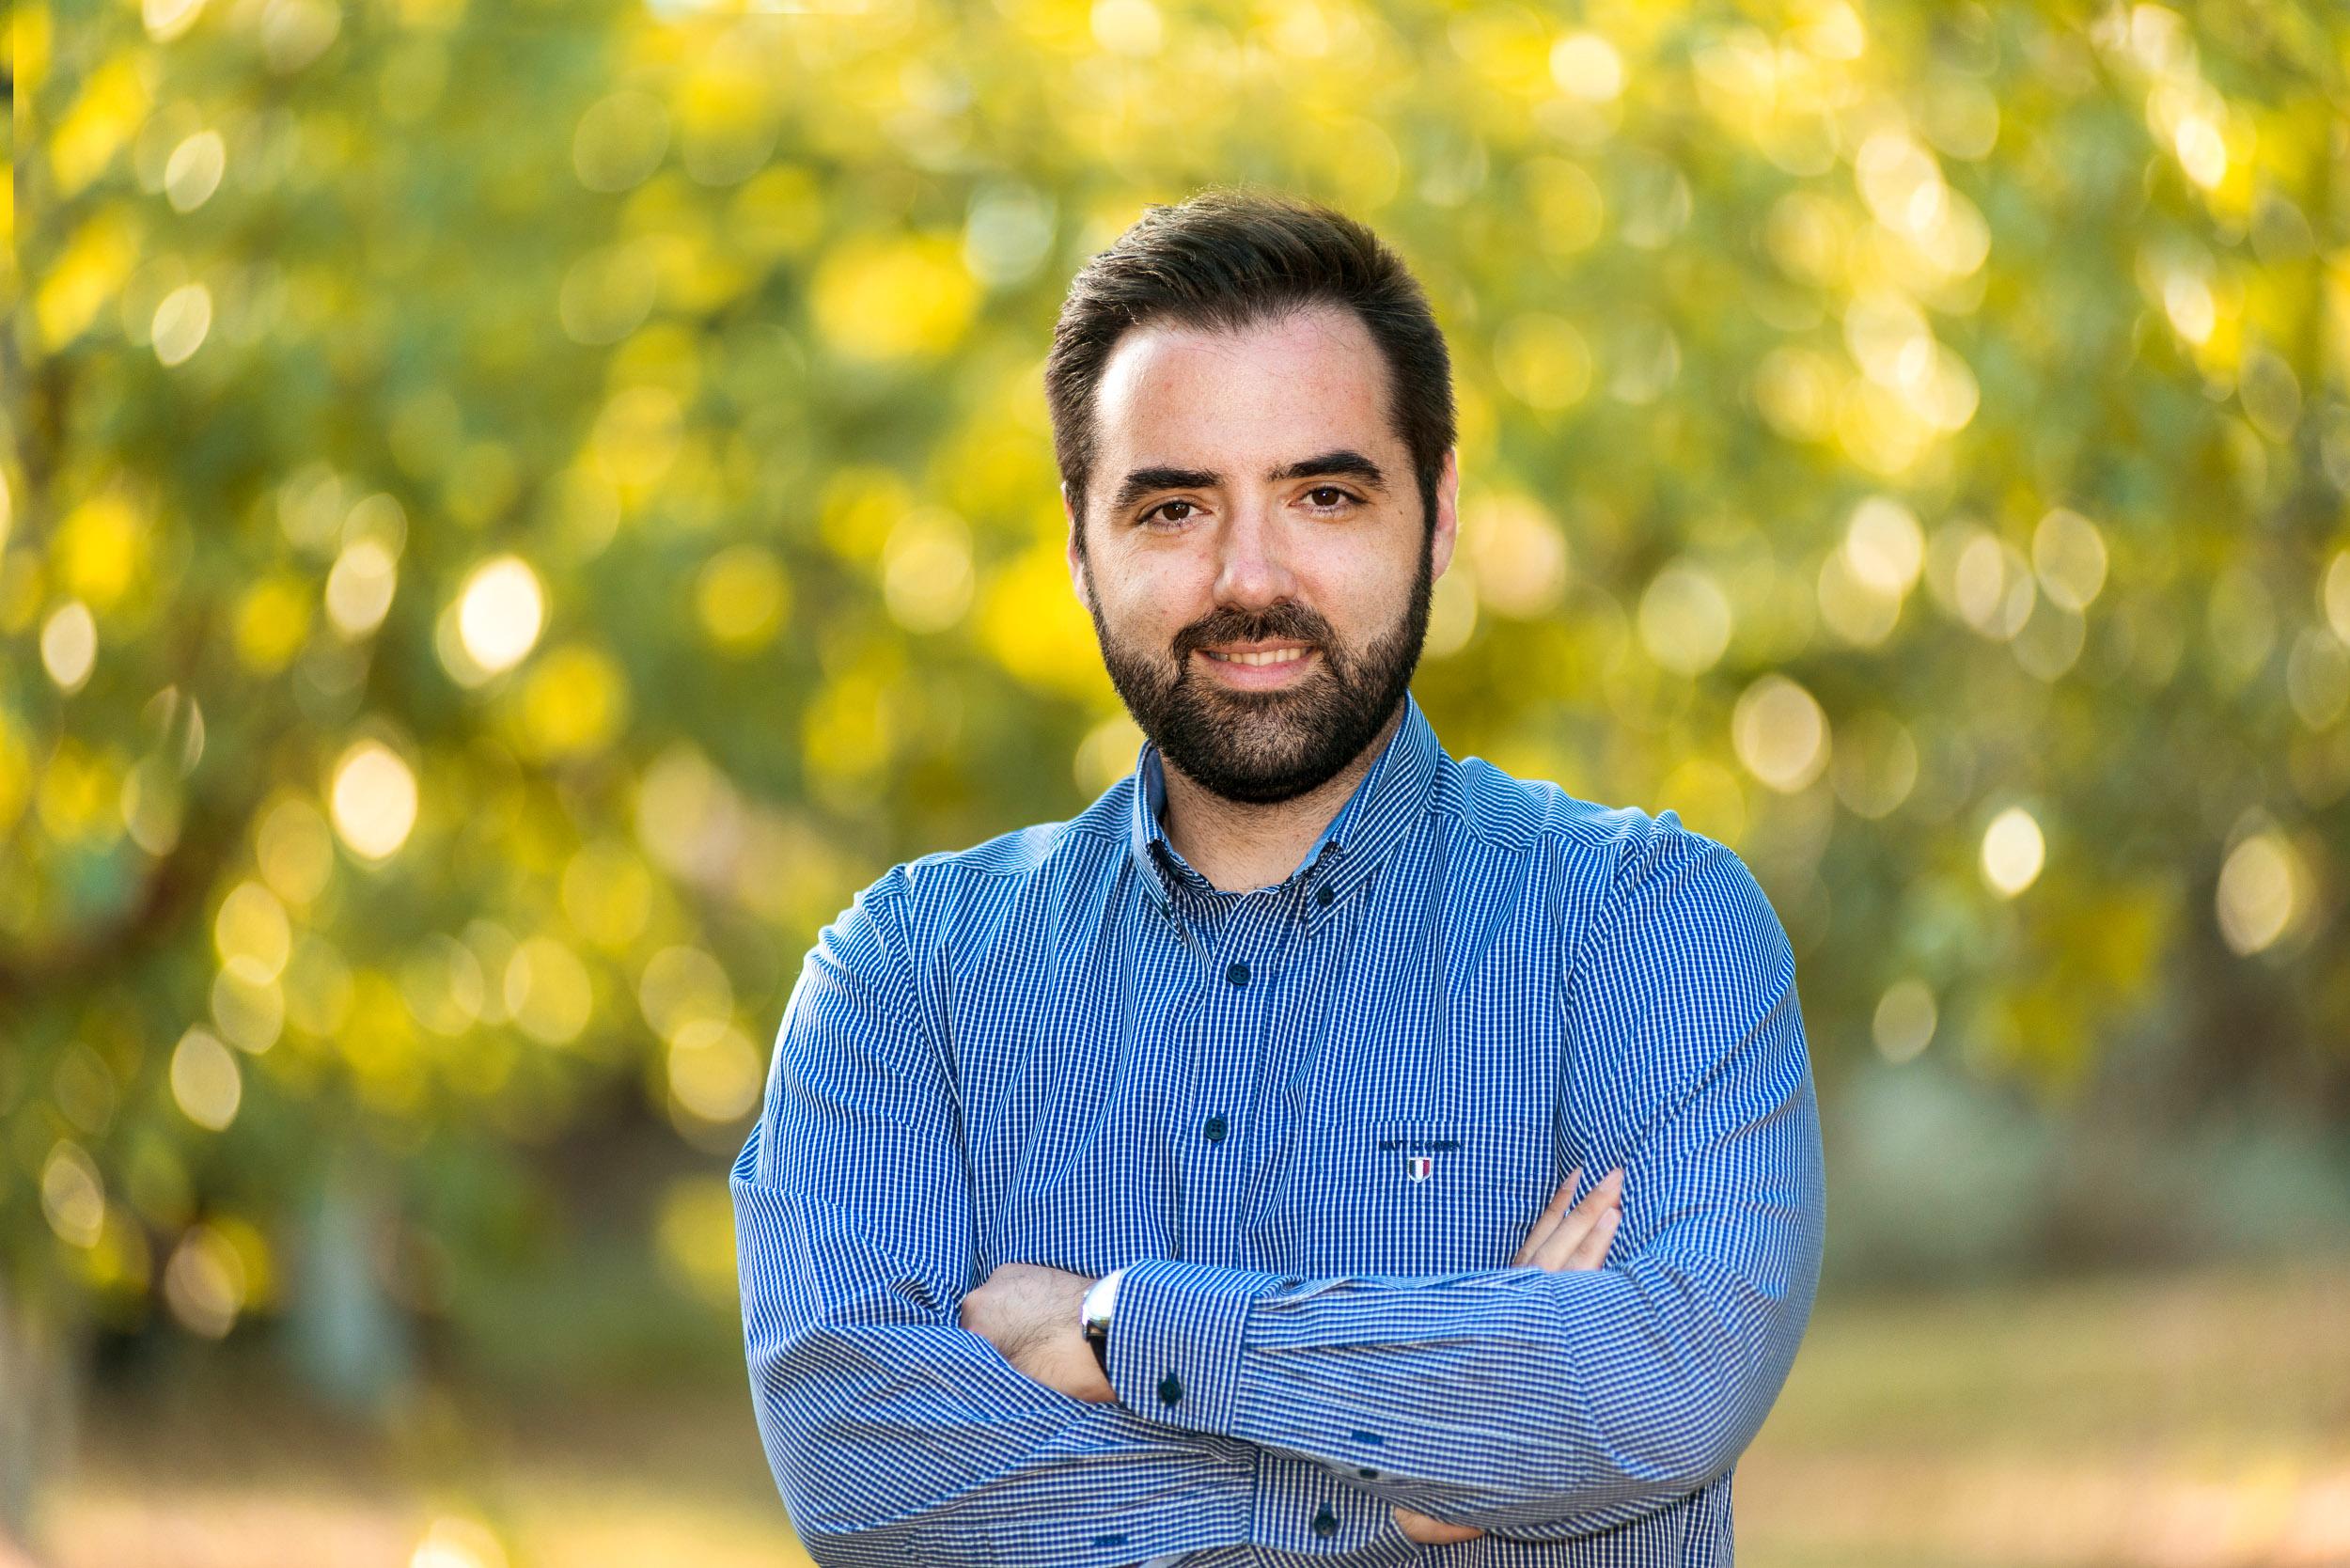 Συνέντευξη του Νίκου Αράπη στο ypaithros.gr